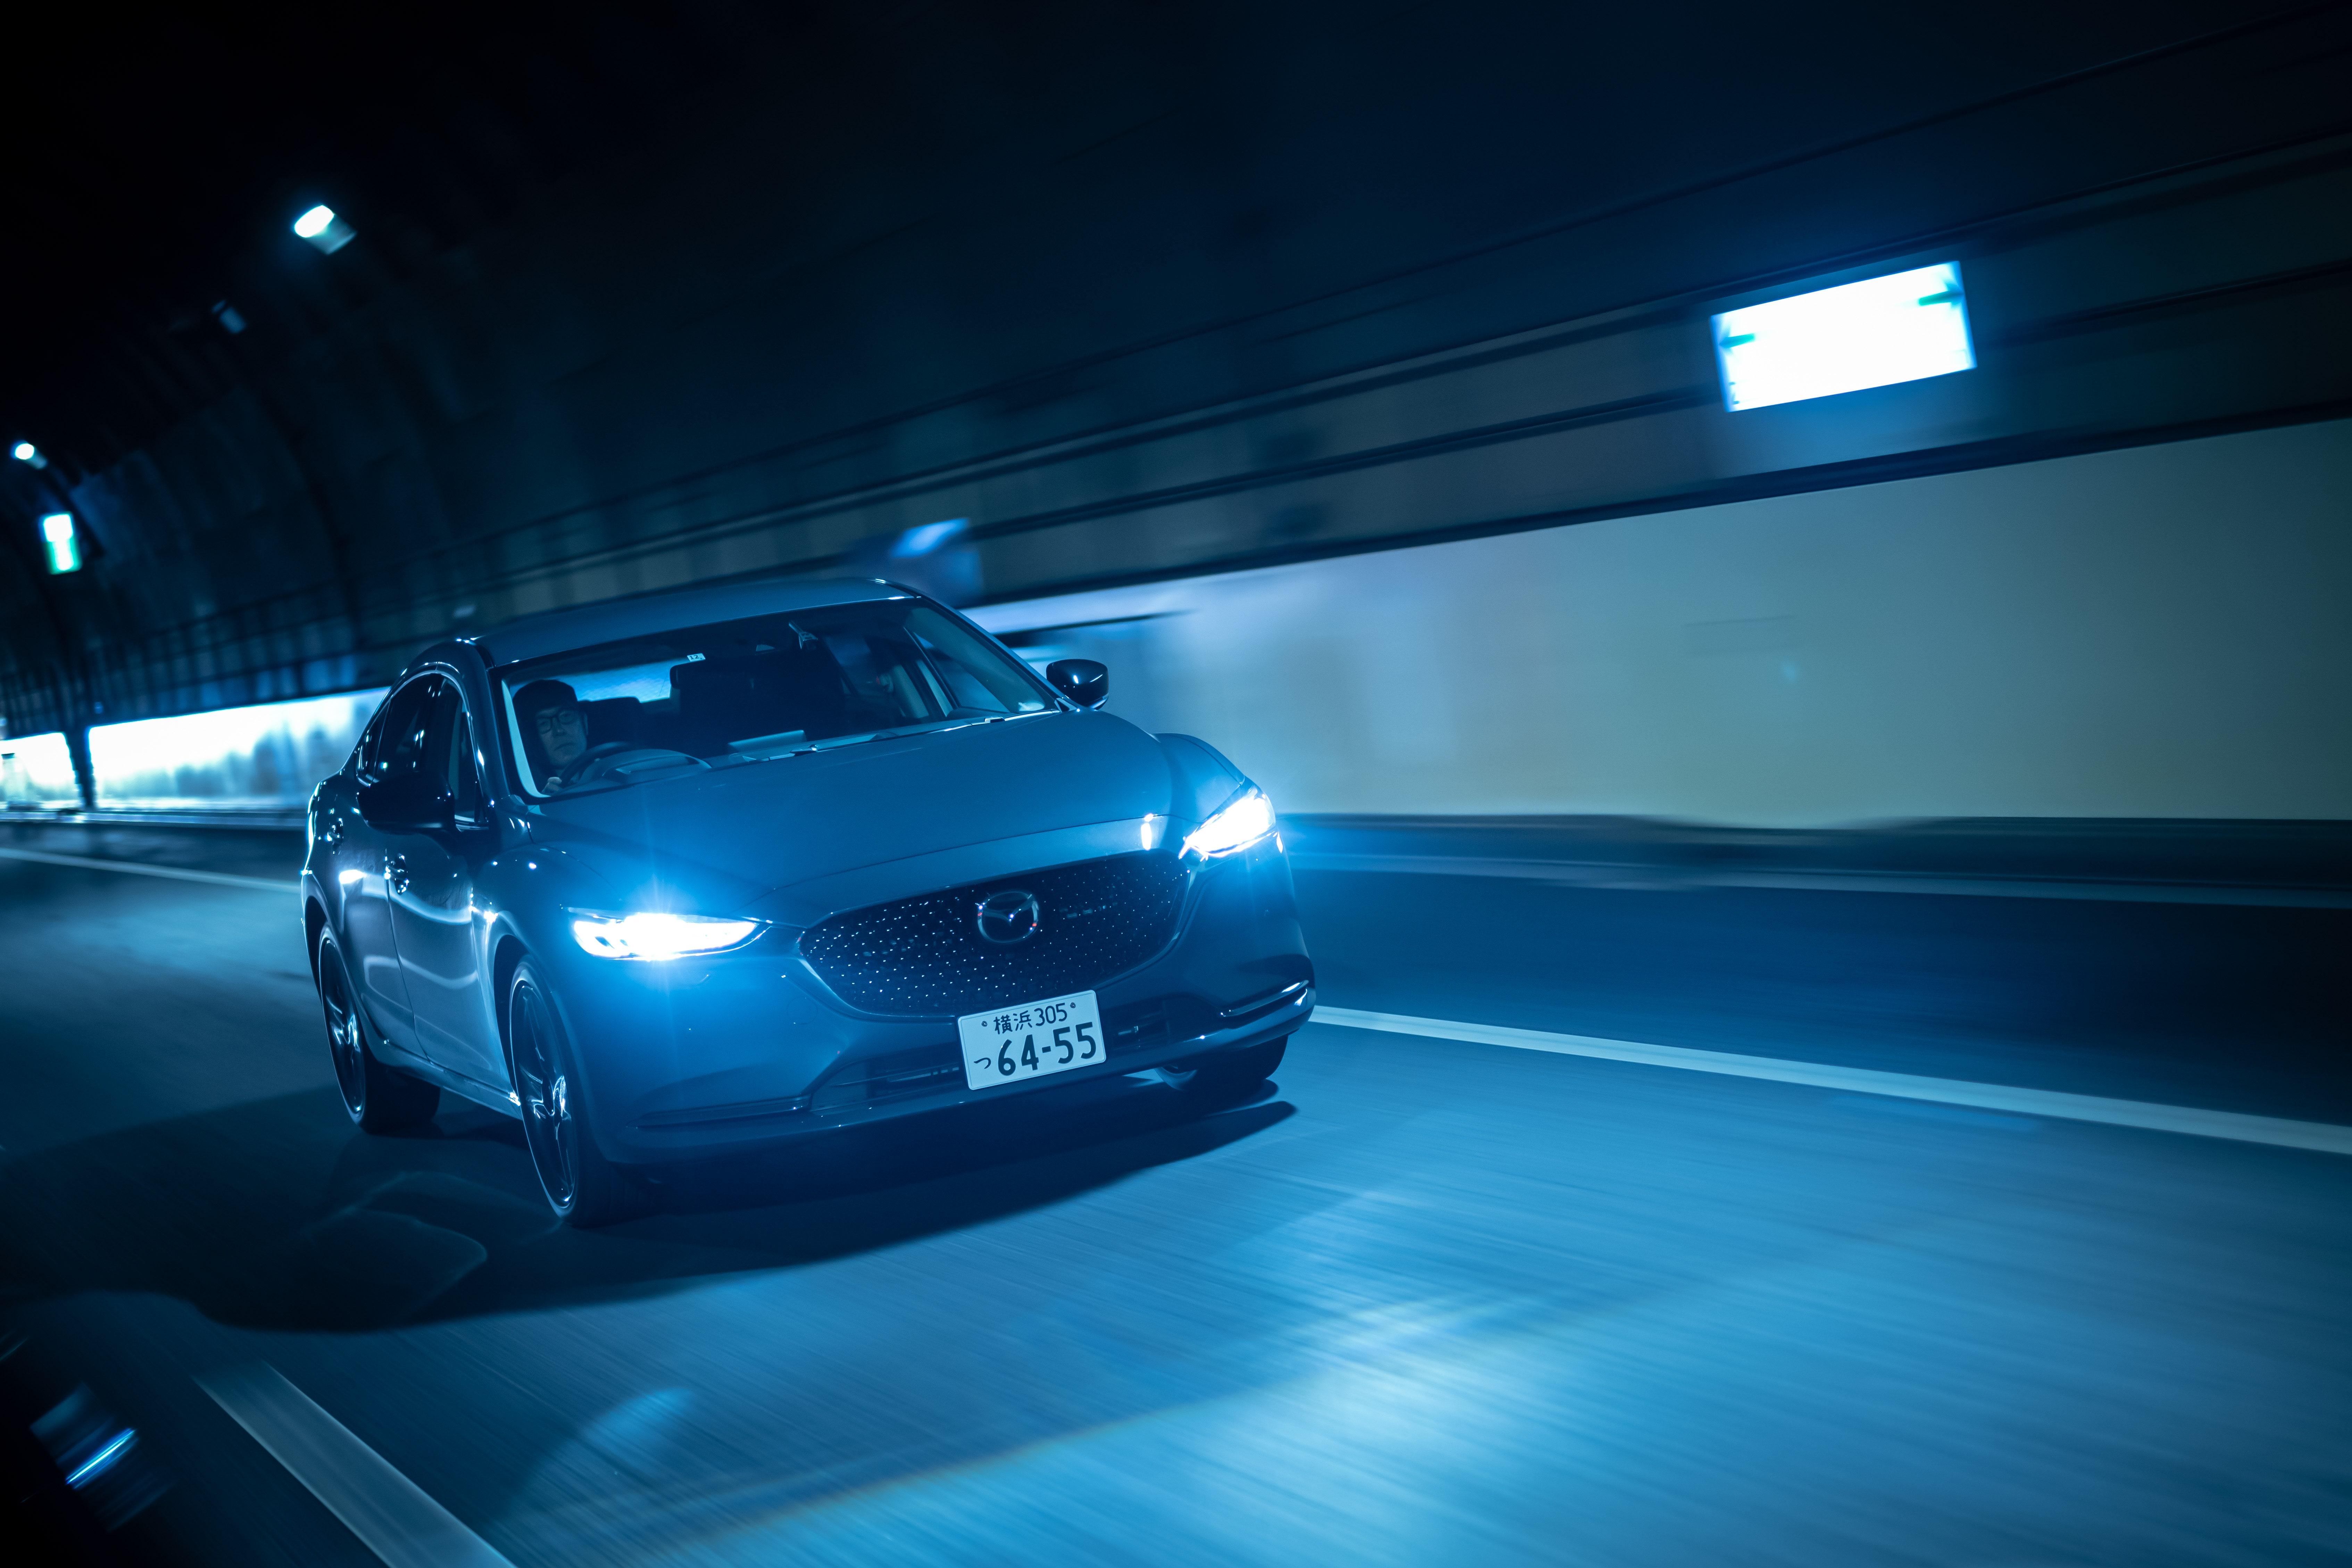 日本車離れしている日本車とは?──マツダ6試乗記